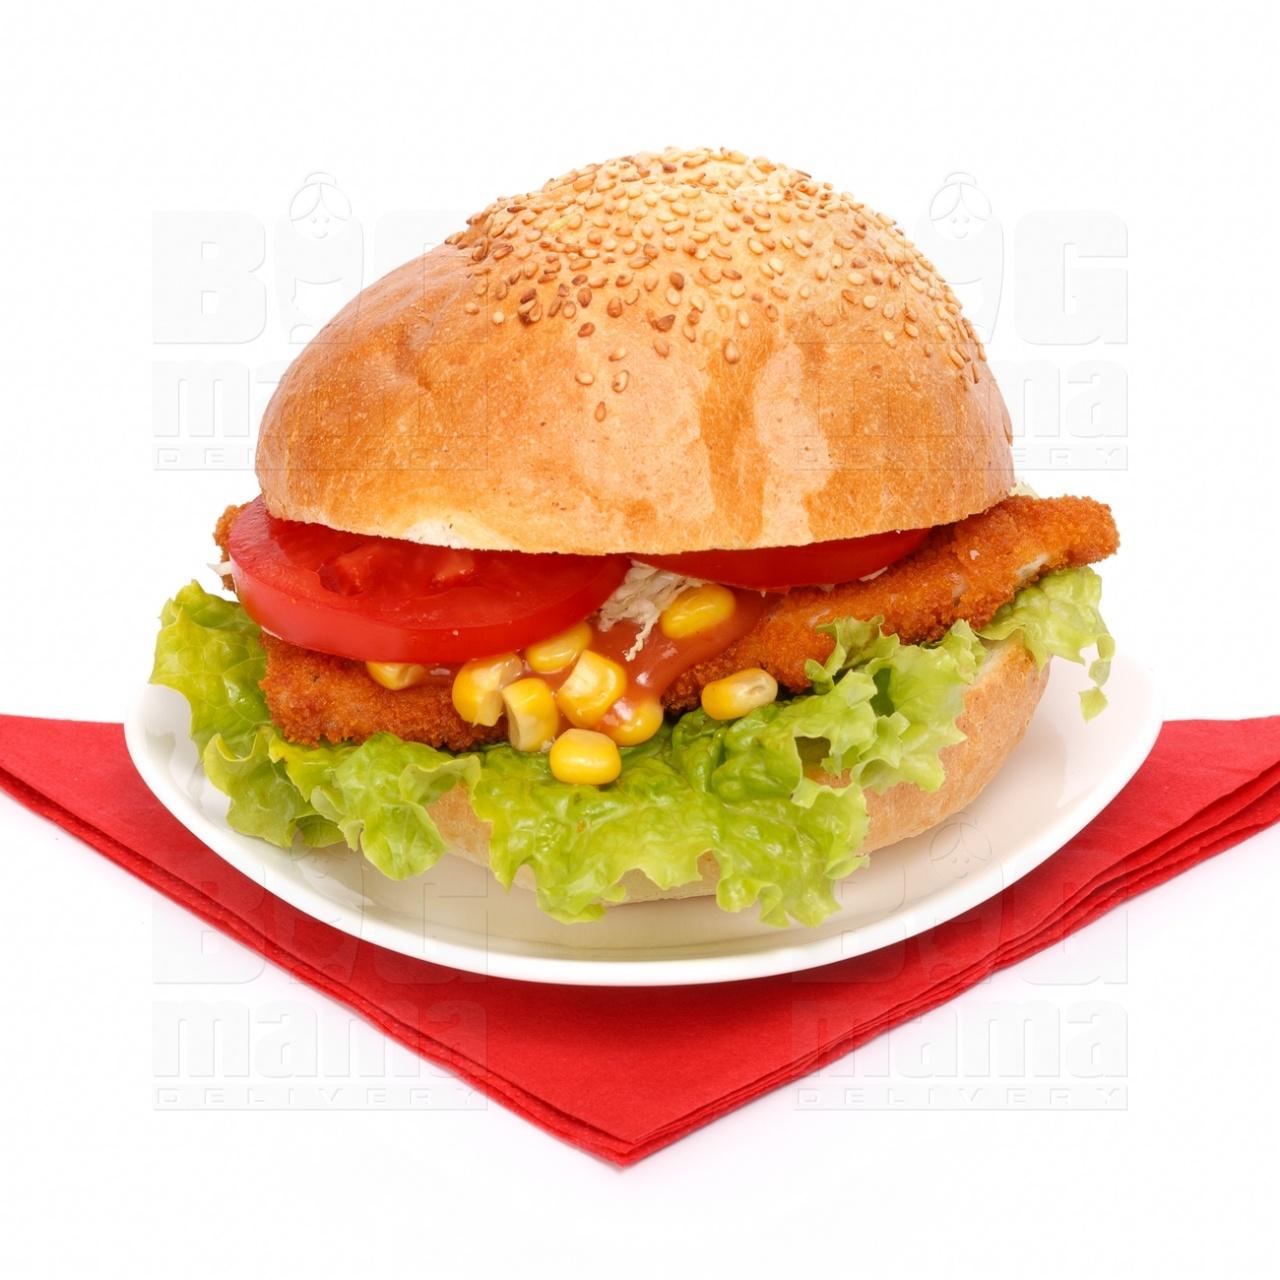 Product #53 image - Sandviş mic mexican cu şniţel de pui